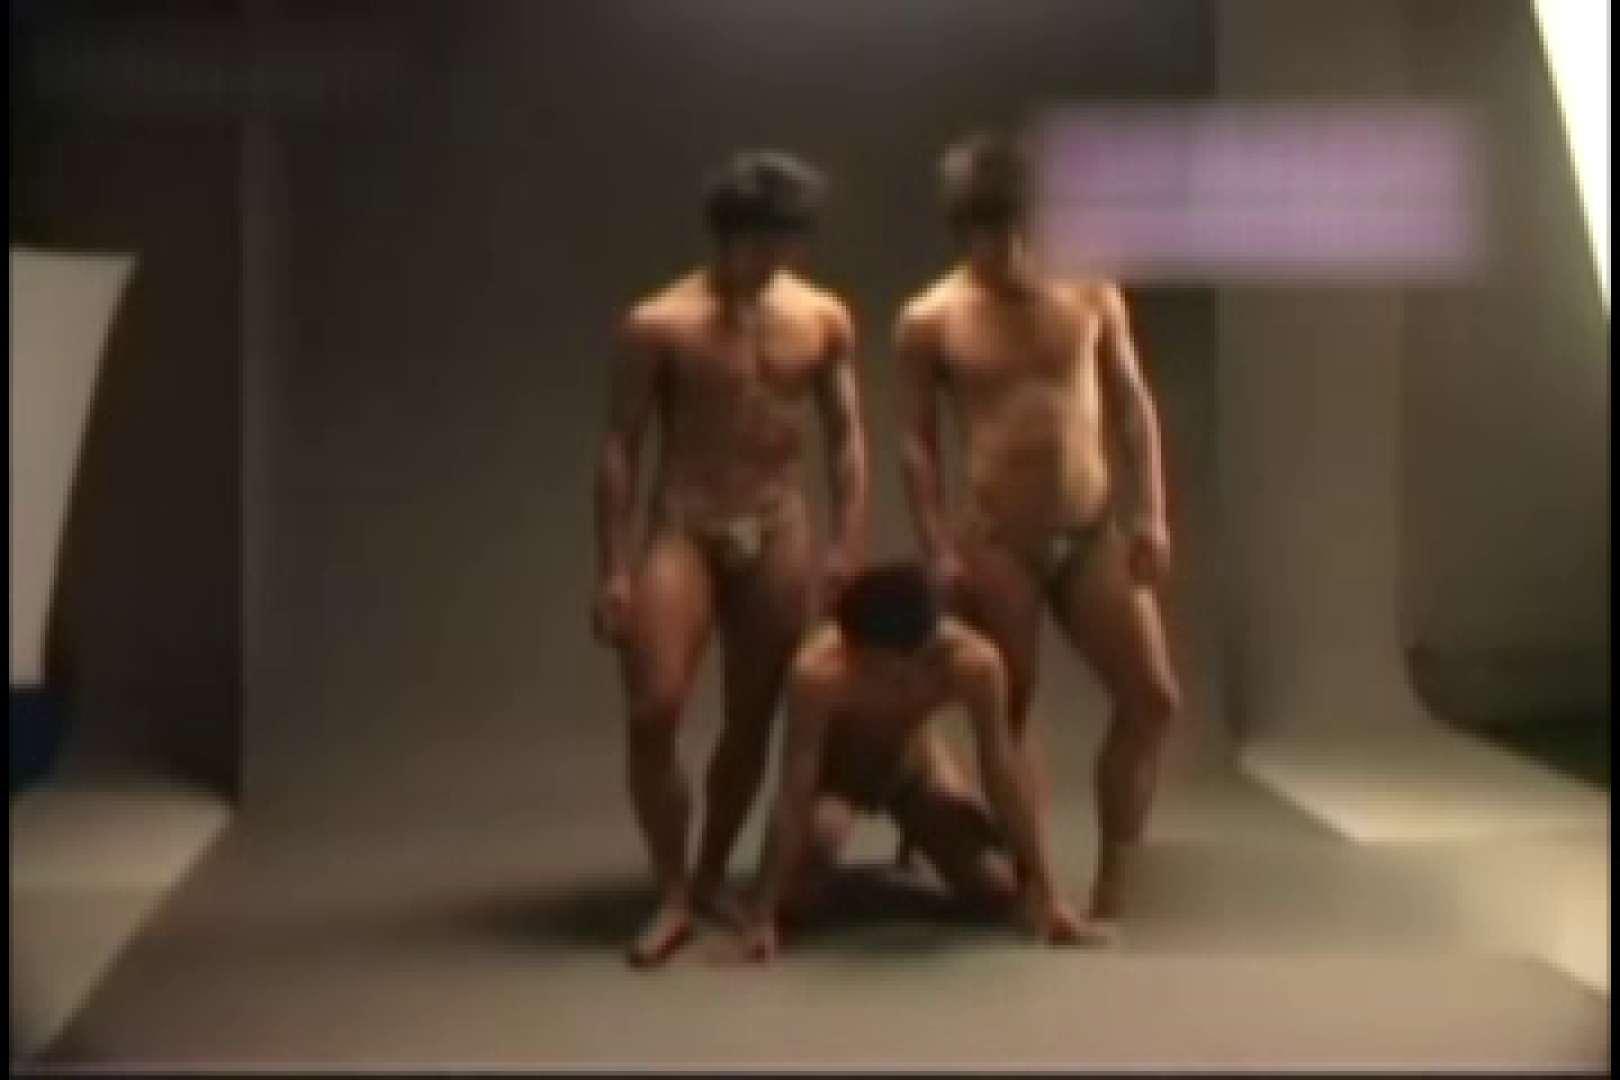 中出有名ゲイ雑誌★魅力●生★付録DVD収録スーパーモデルヌードvol4 モデル ゲイ無修正ビデオ画像 82枚 6